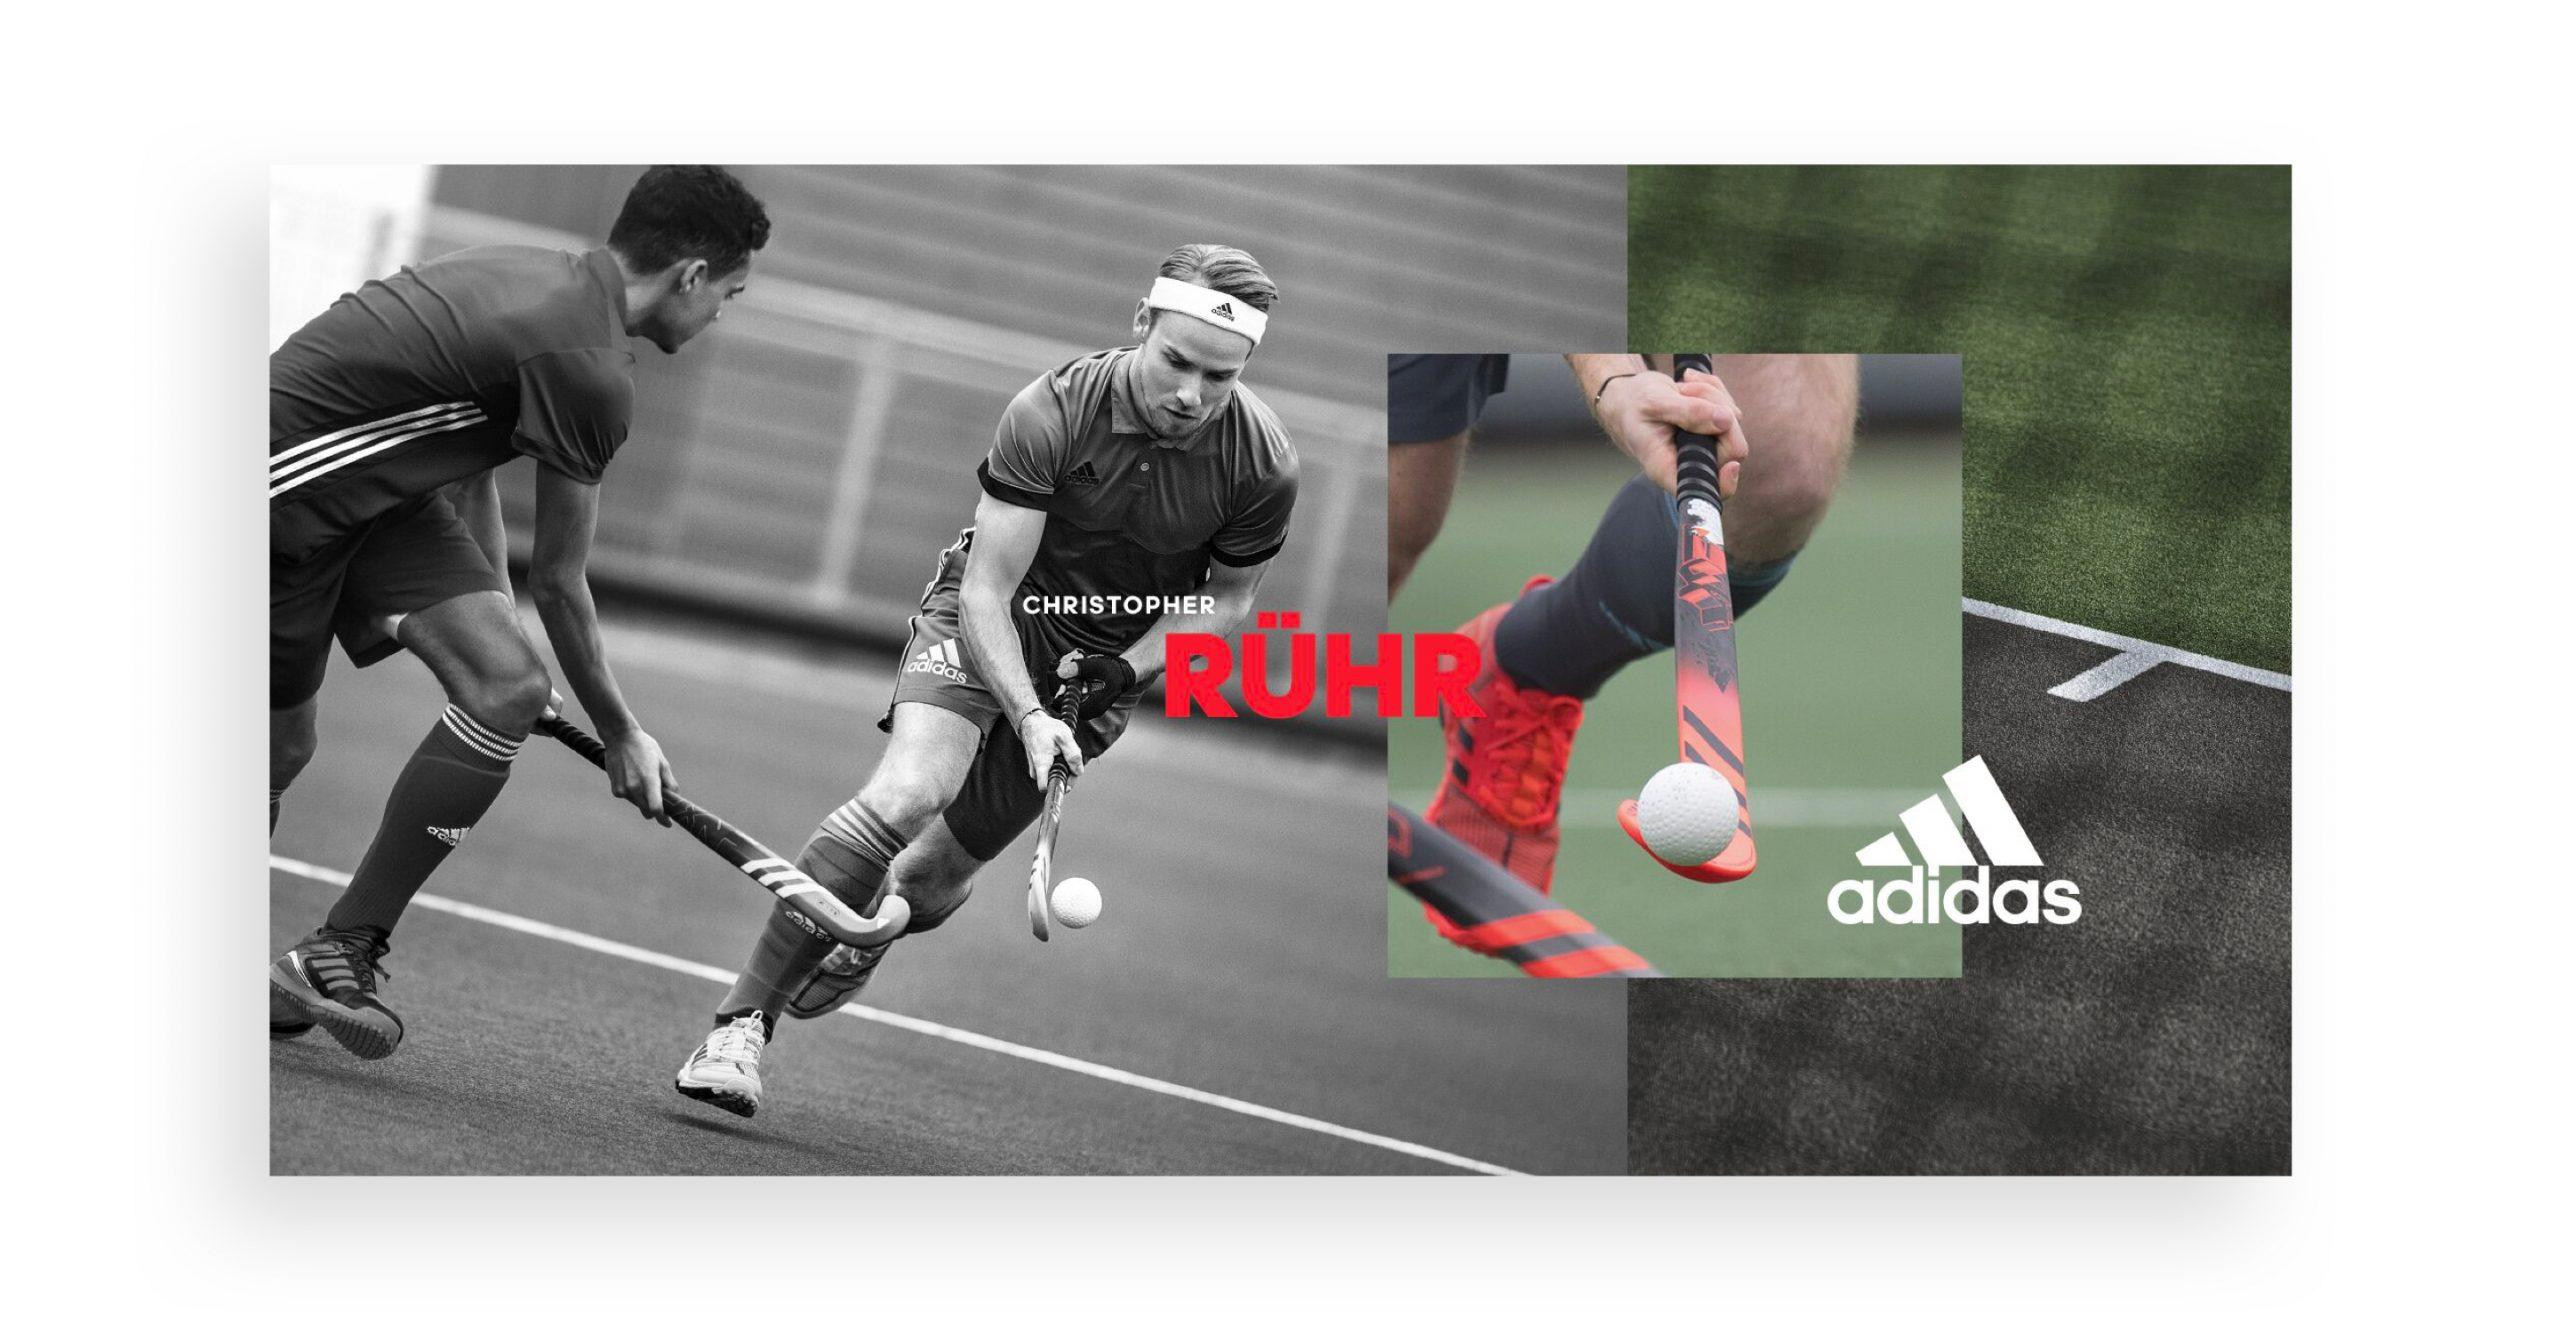 pascher-heinz-adidas-world_cup-ruehr-02